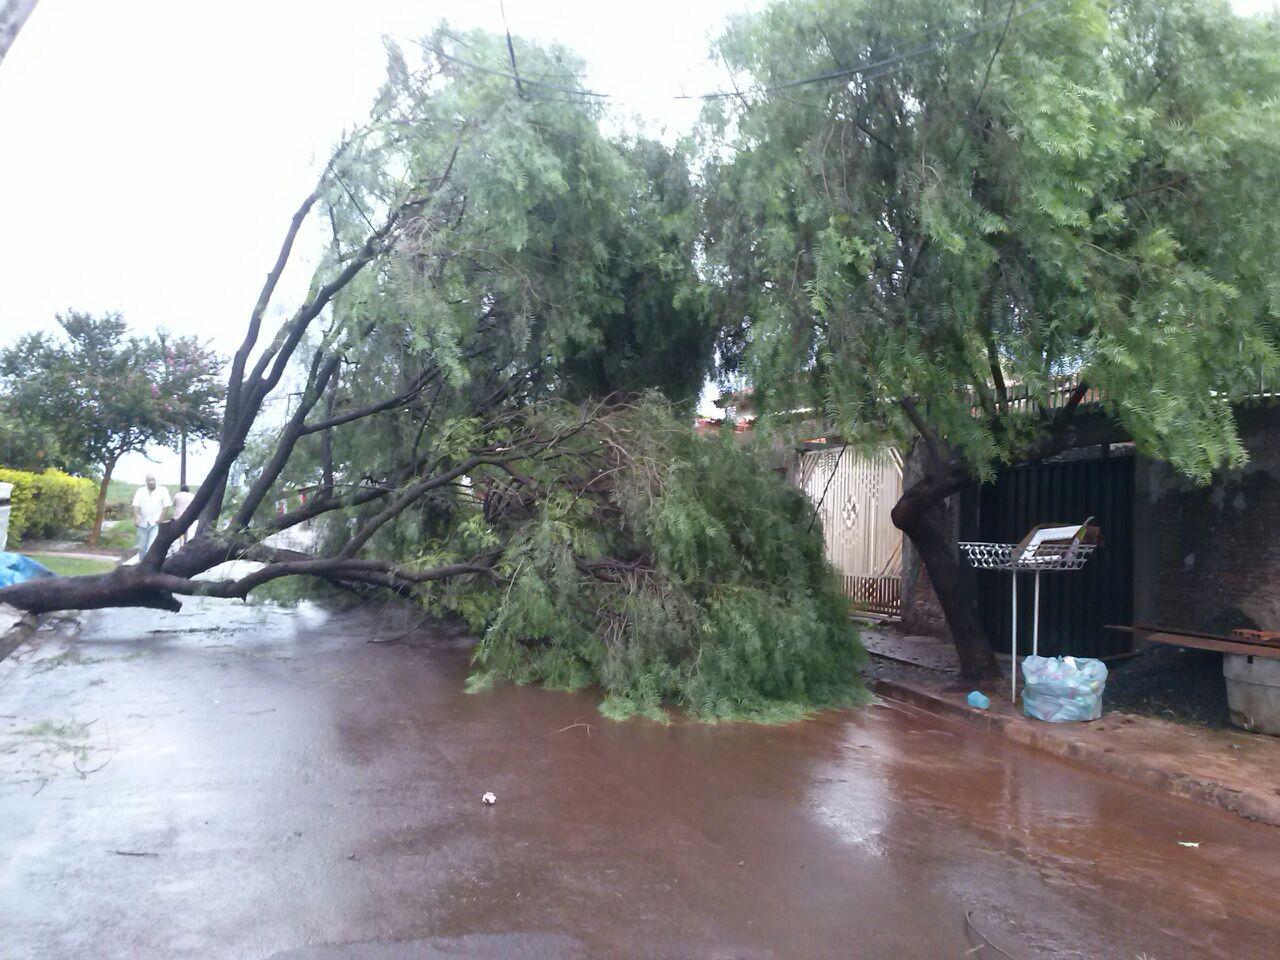 Fortes chuvas derrubam arvores e deixam rua sem energia elétrica em Cambé